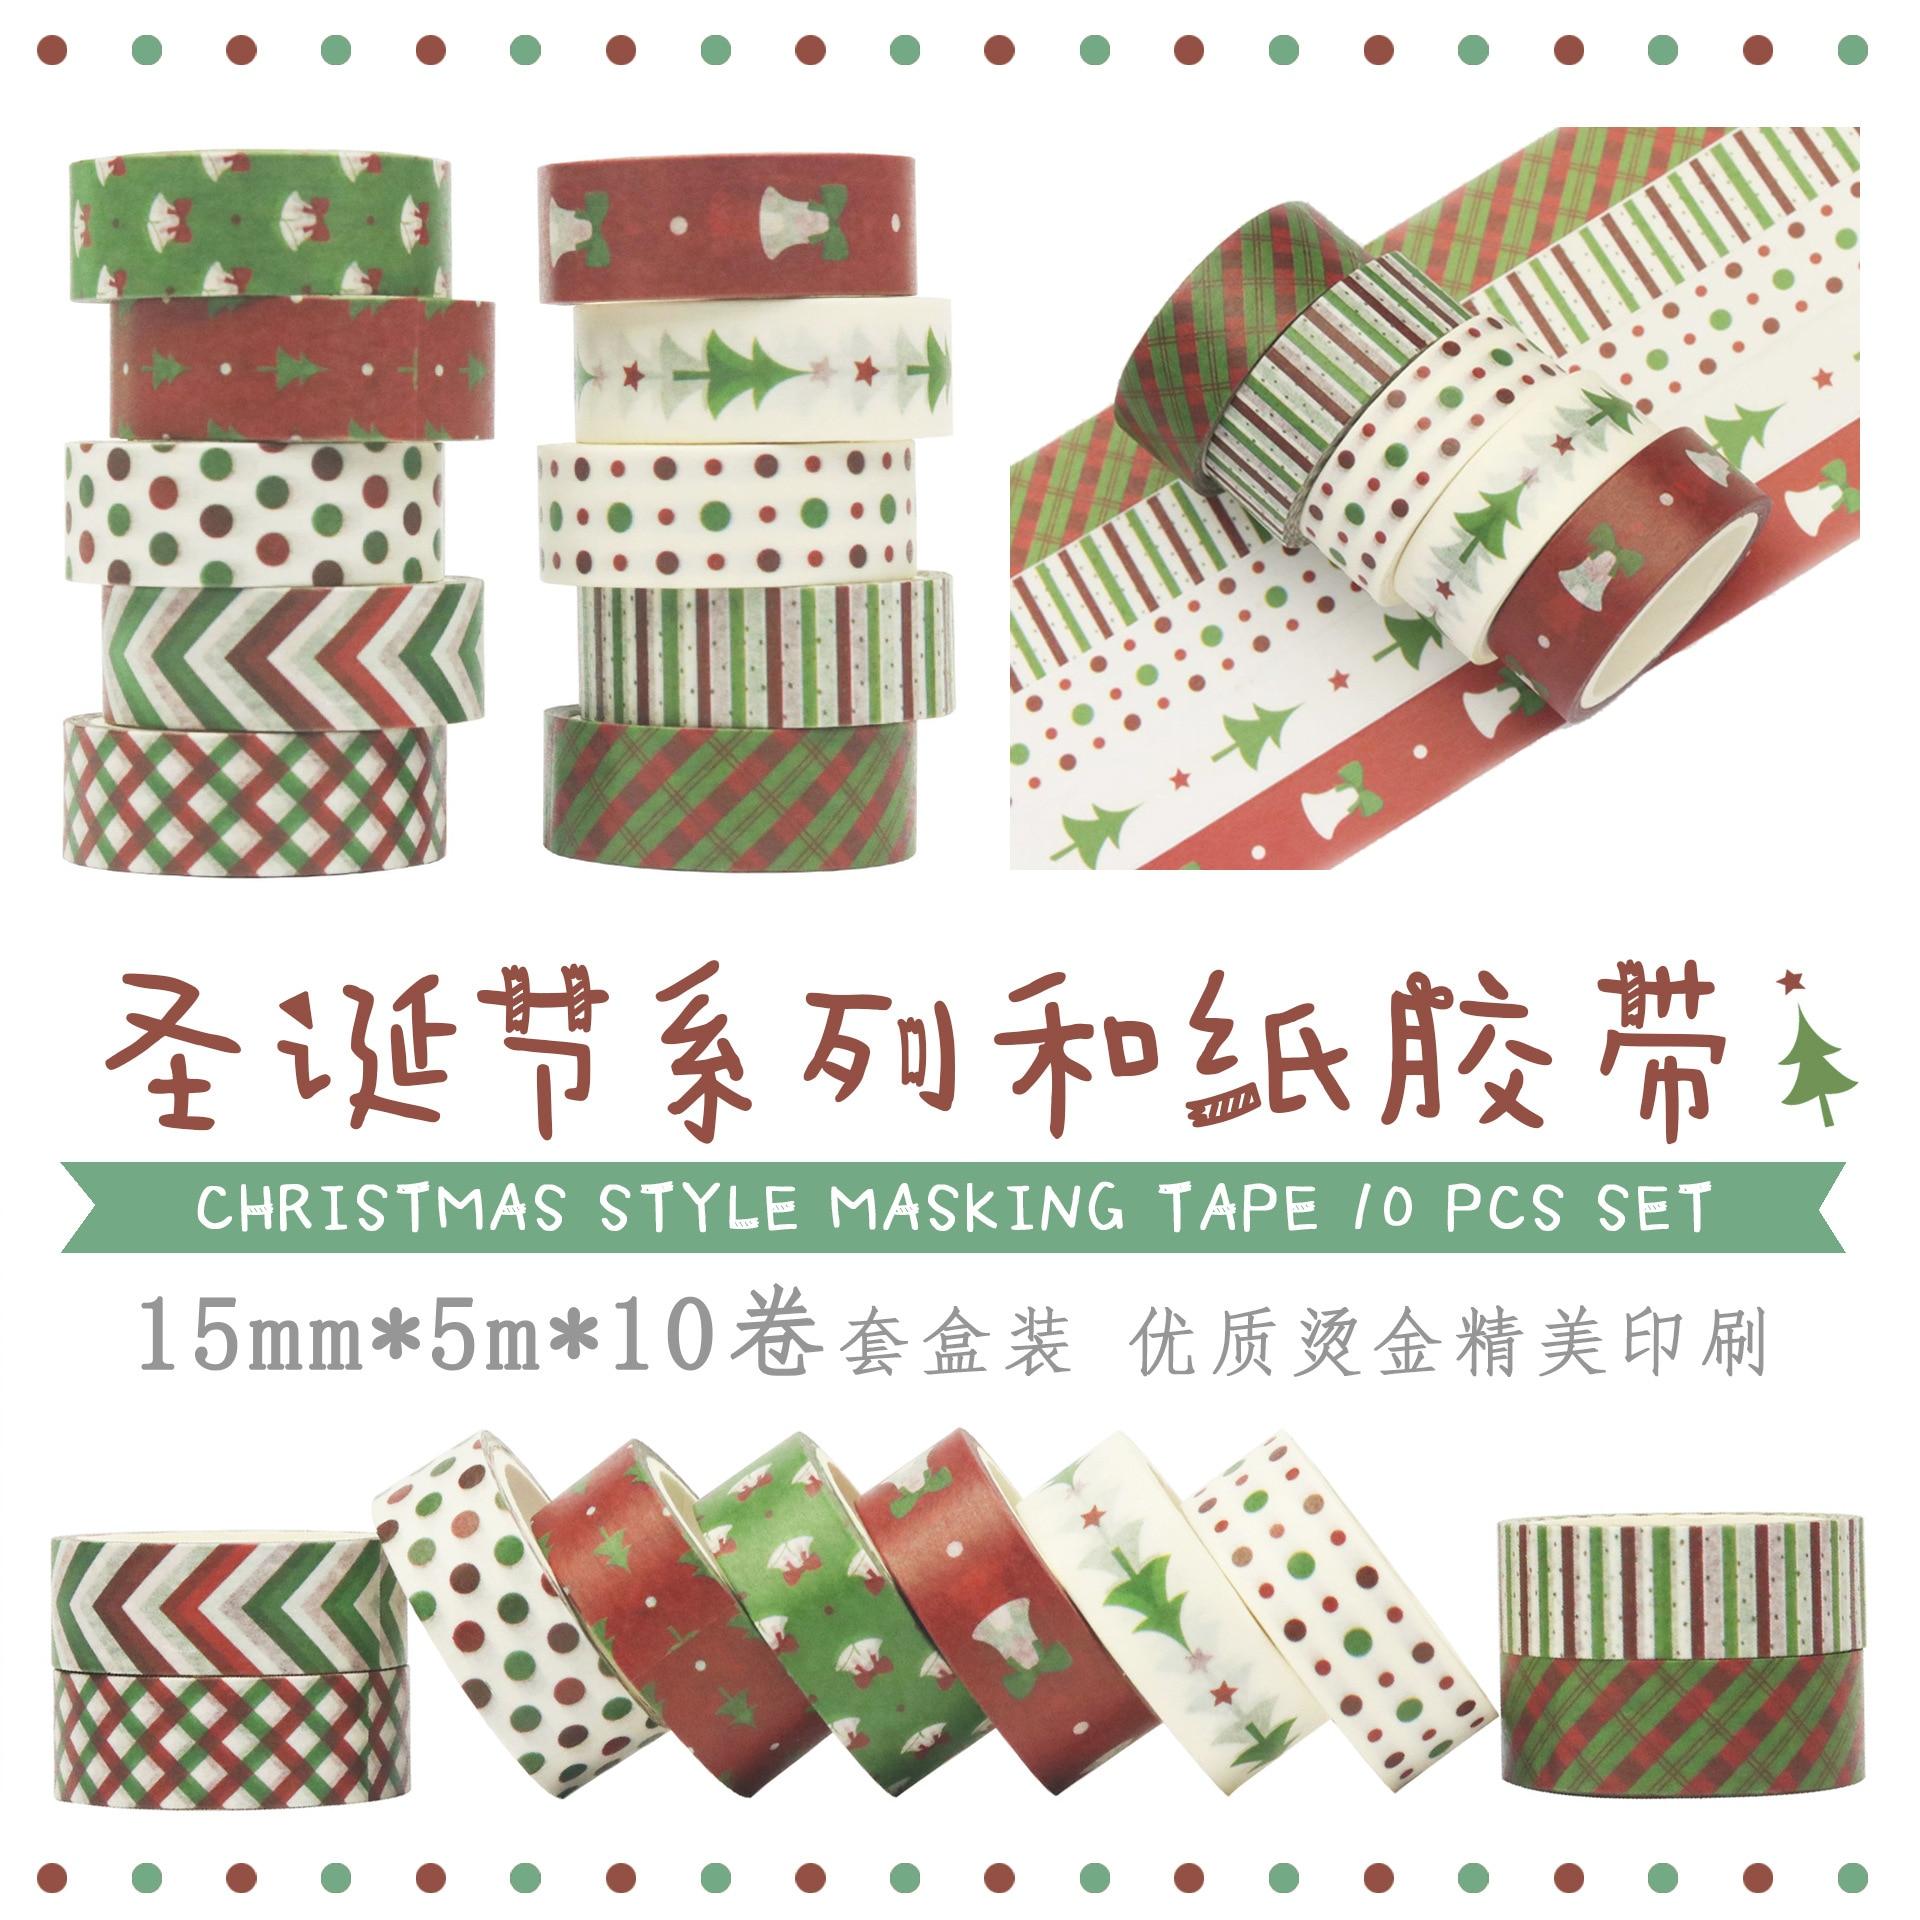 10 unids/lote de pegatinas decorativas de Navidad cintas Washi rojo y verde para álbum de recortes cinta adhesiva Kawaii papelería venta al por mayor de fábrica